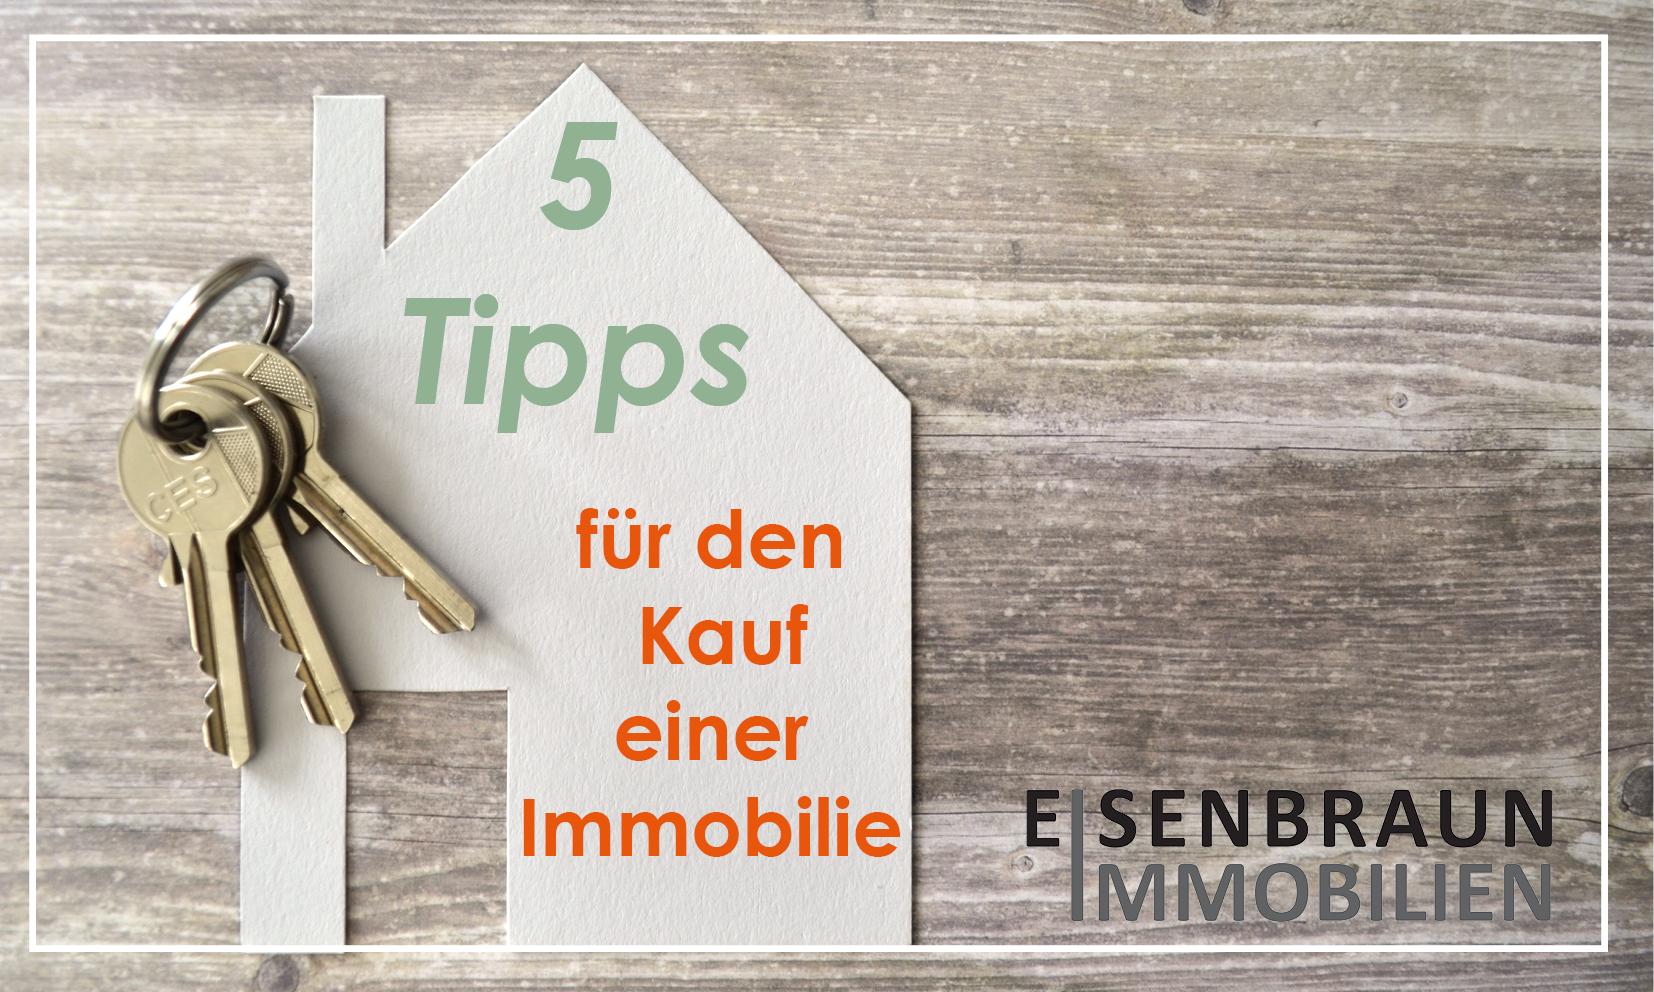 Haus mit Schlüssel und der Aufschrift: 5 Tipps für den Kauf einer Immobilie